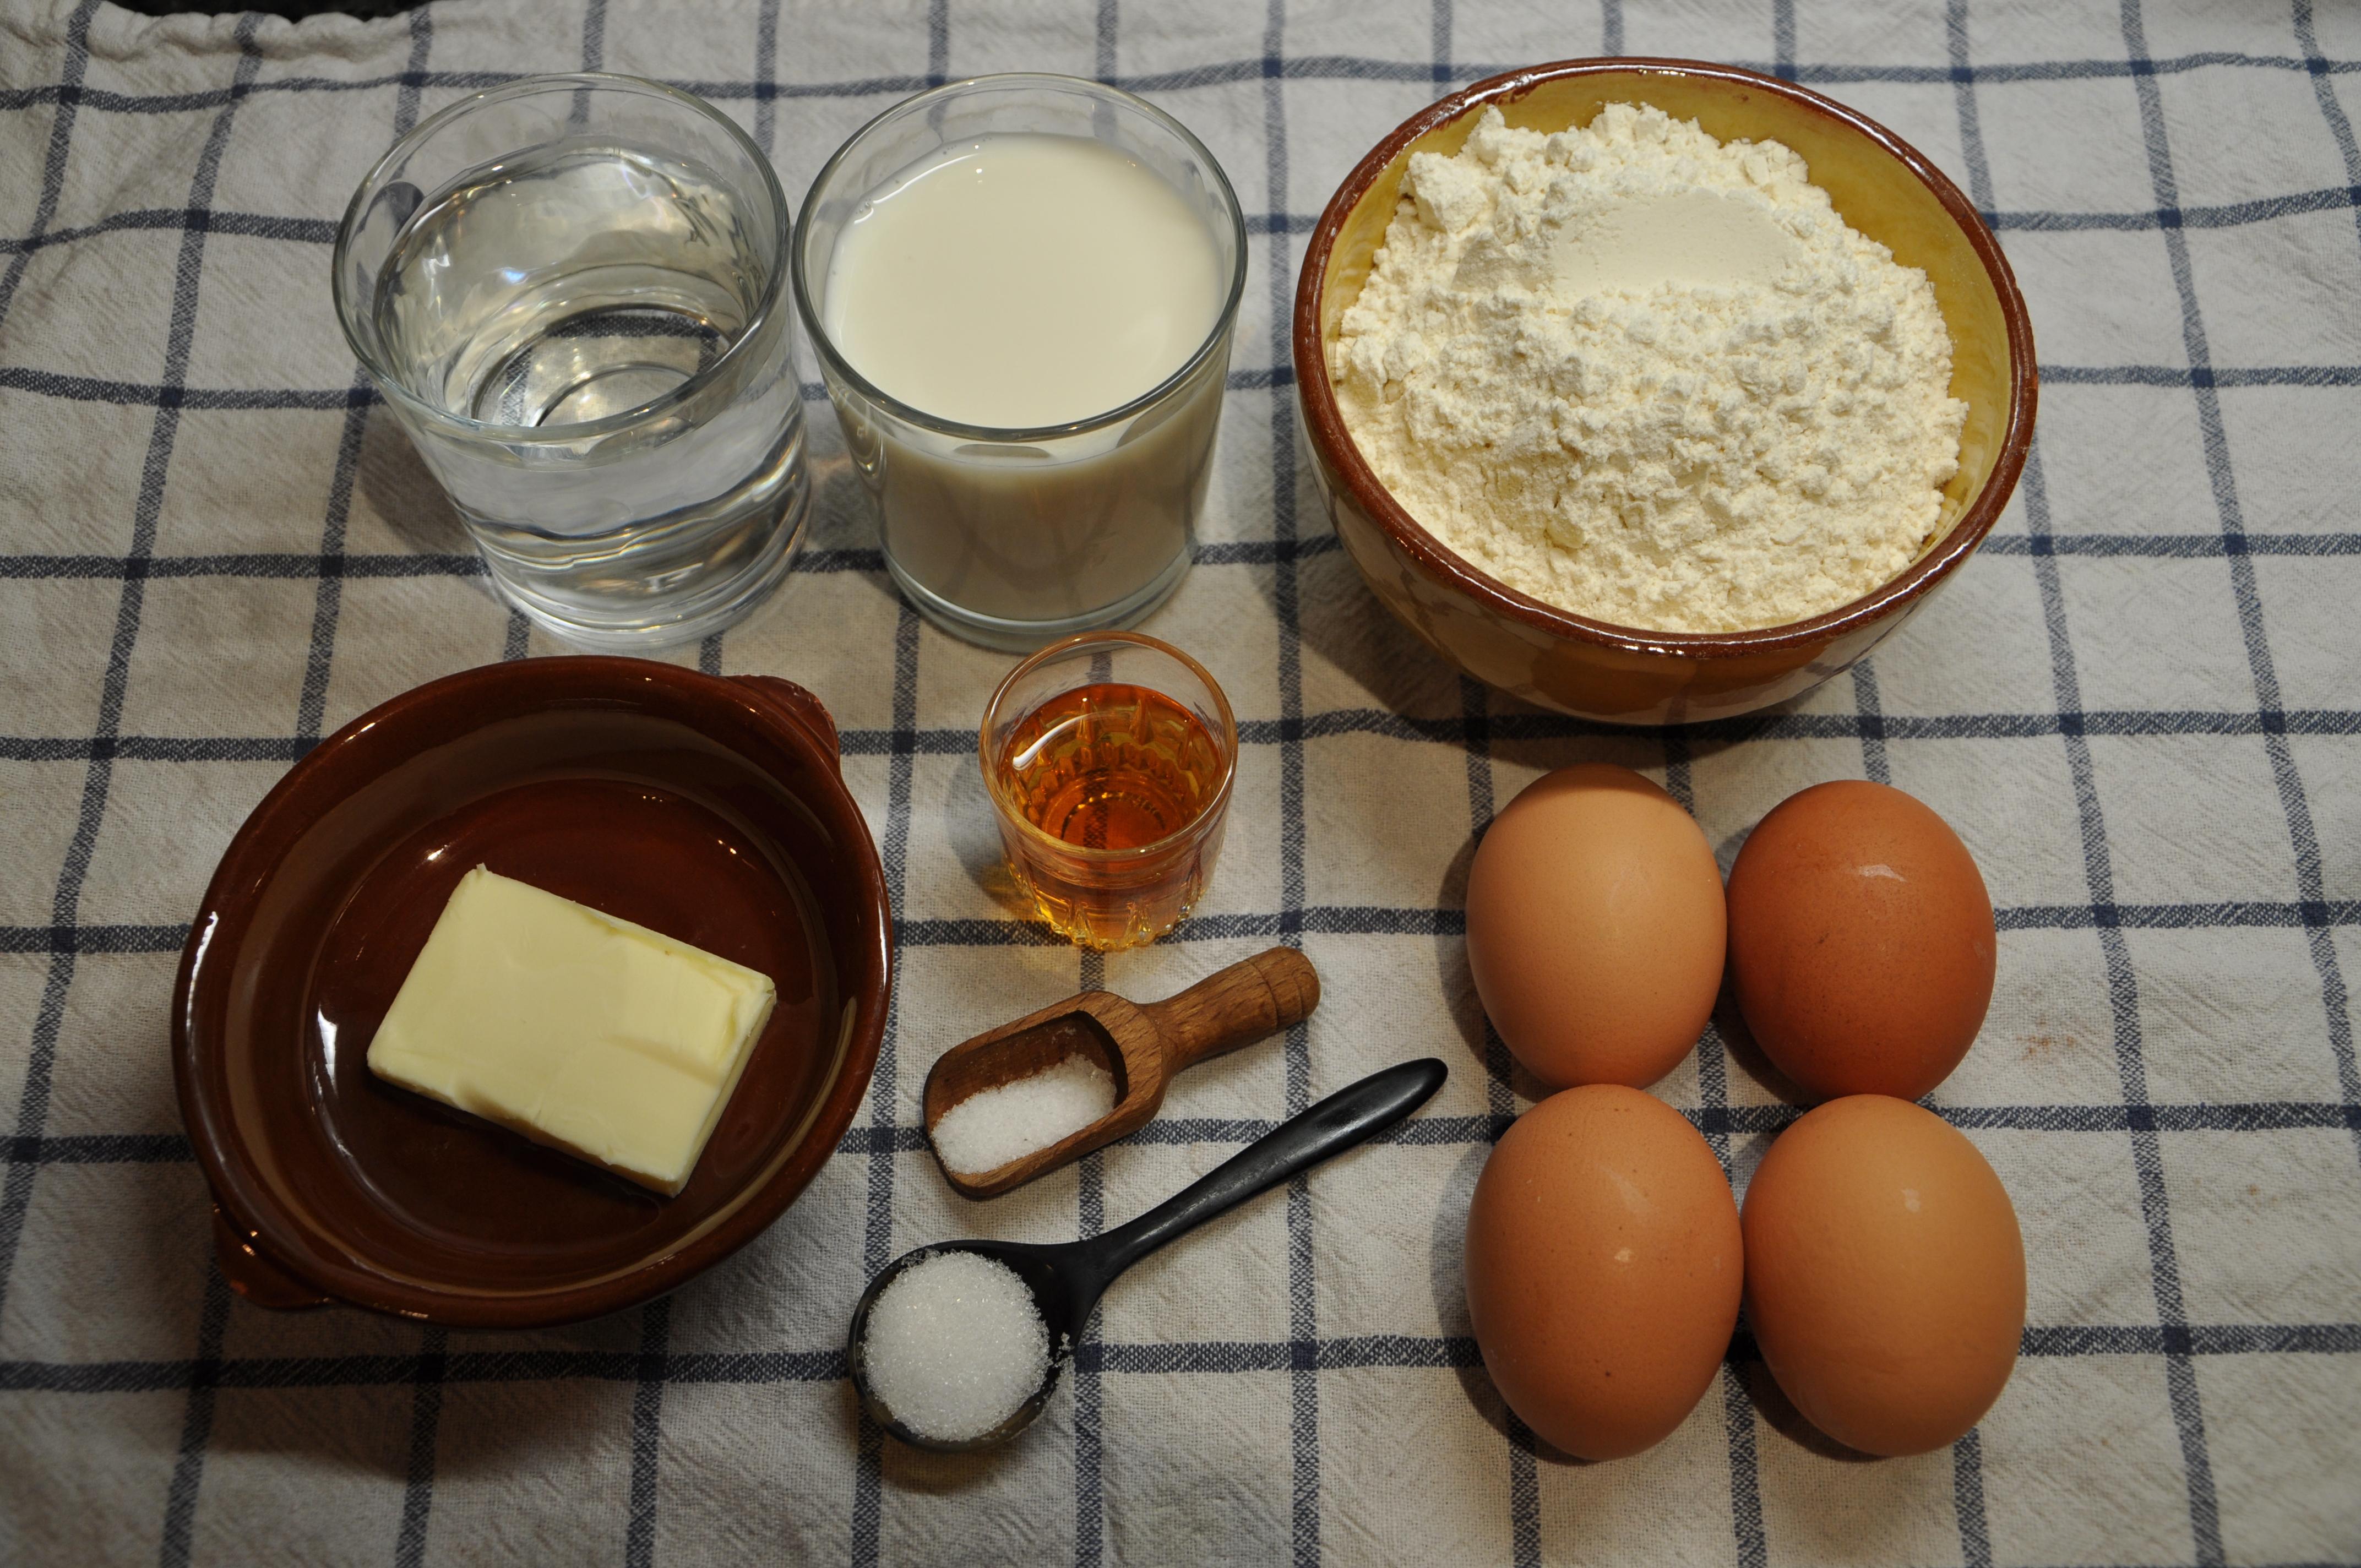 Cr pes la sencillez bien cocinada siempre es deliciosa - Ingredientes para crepes ...